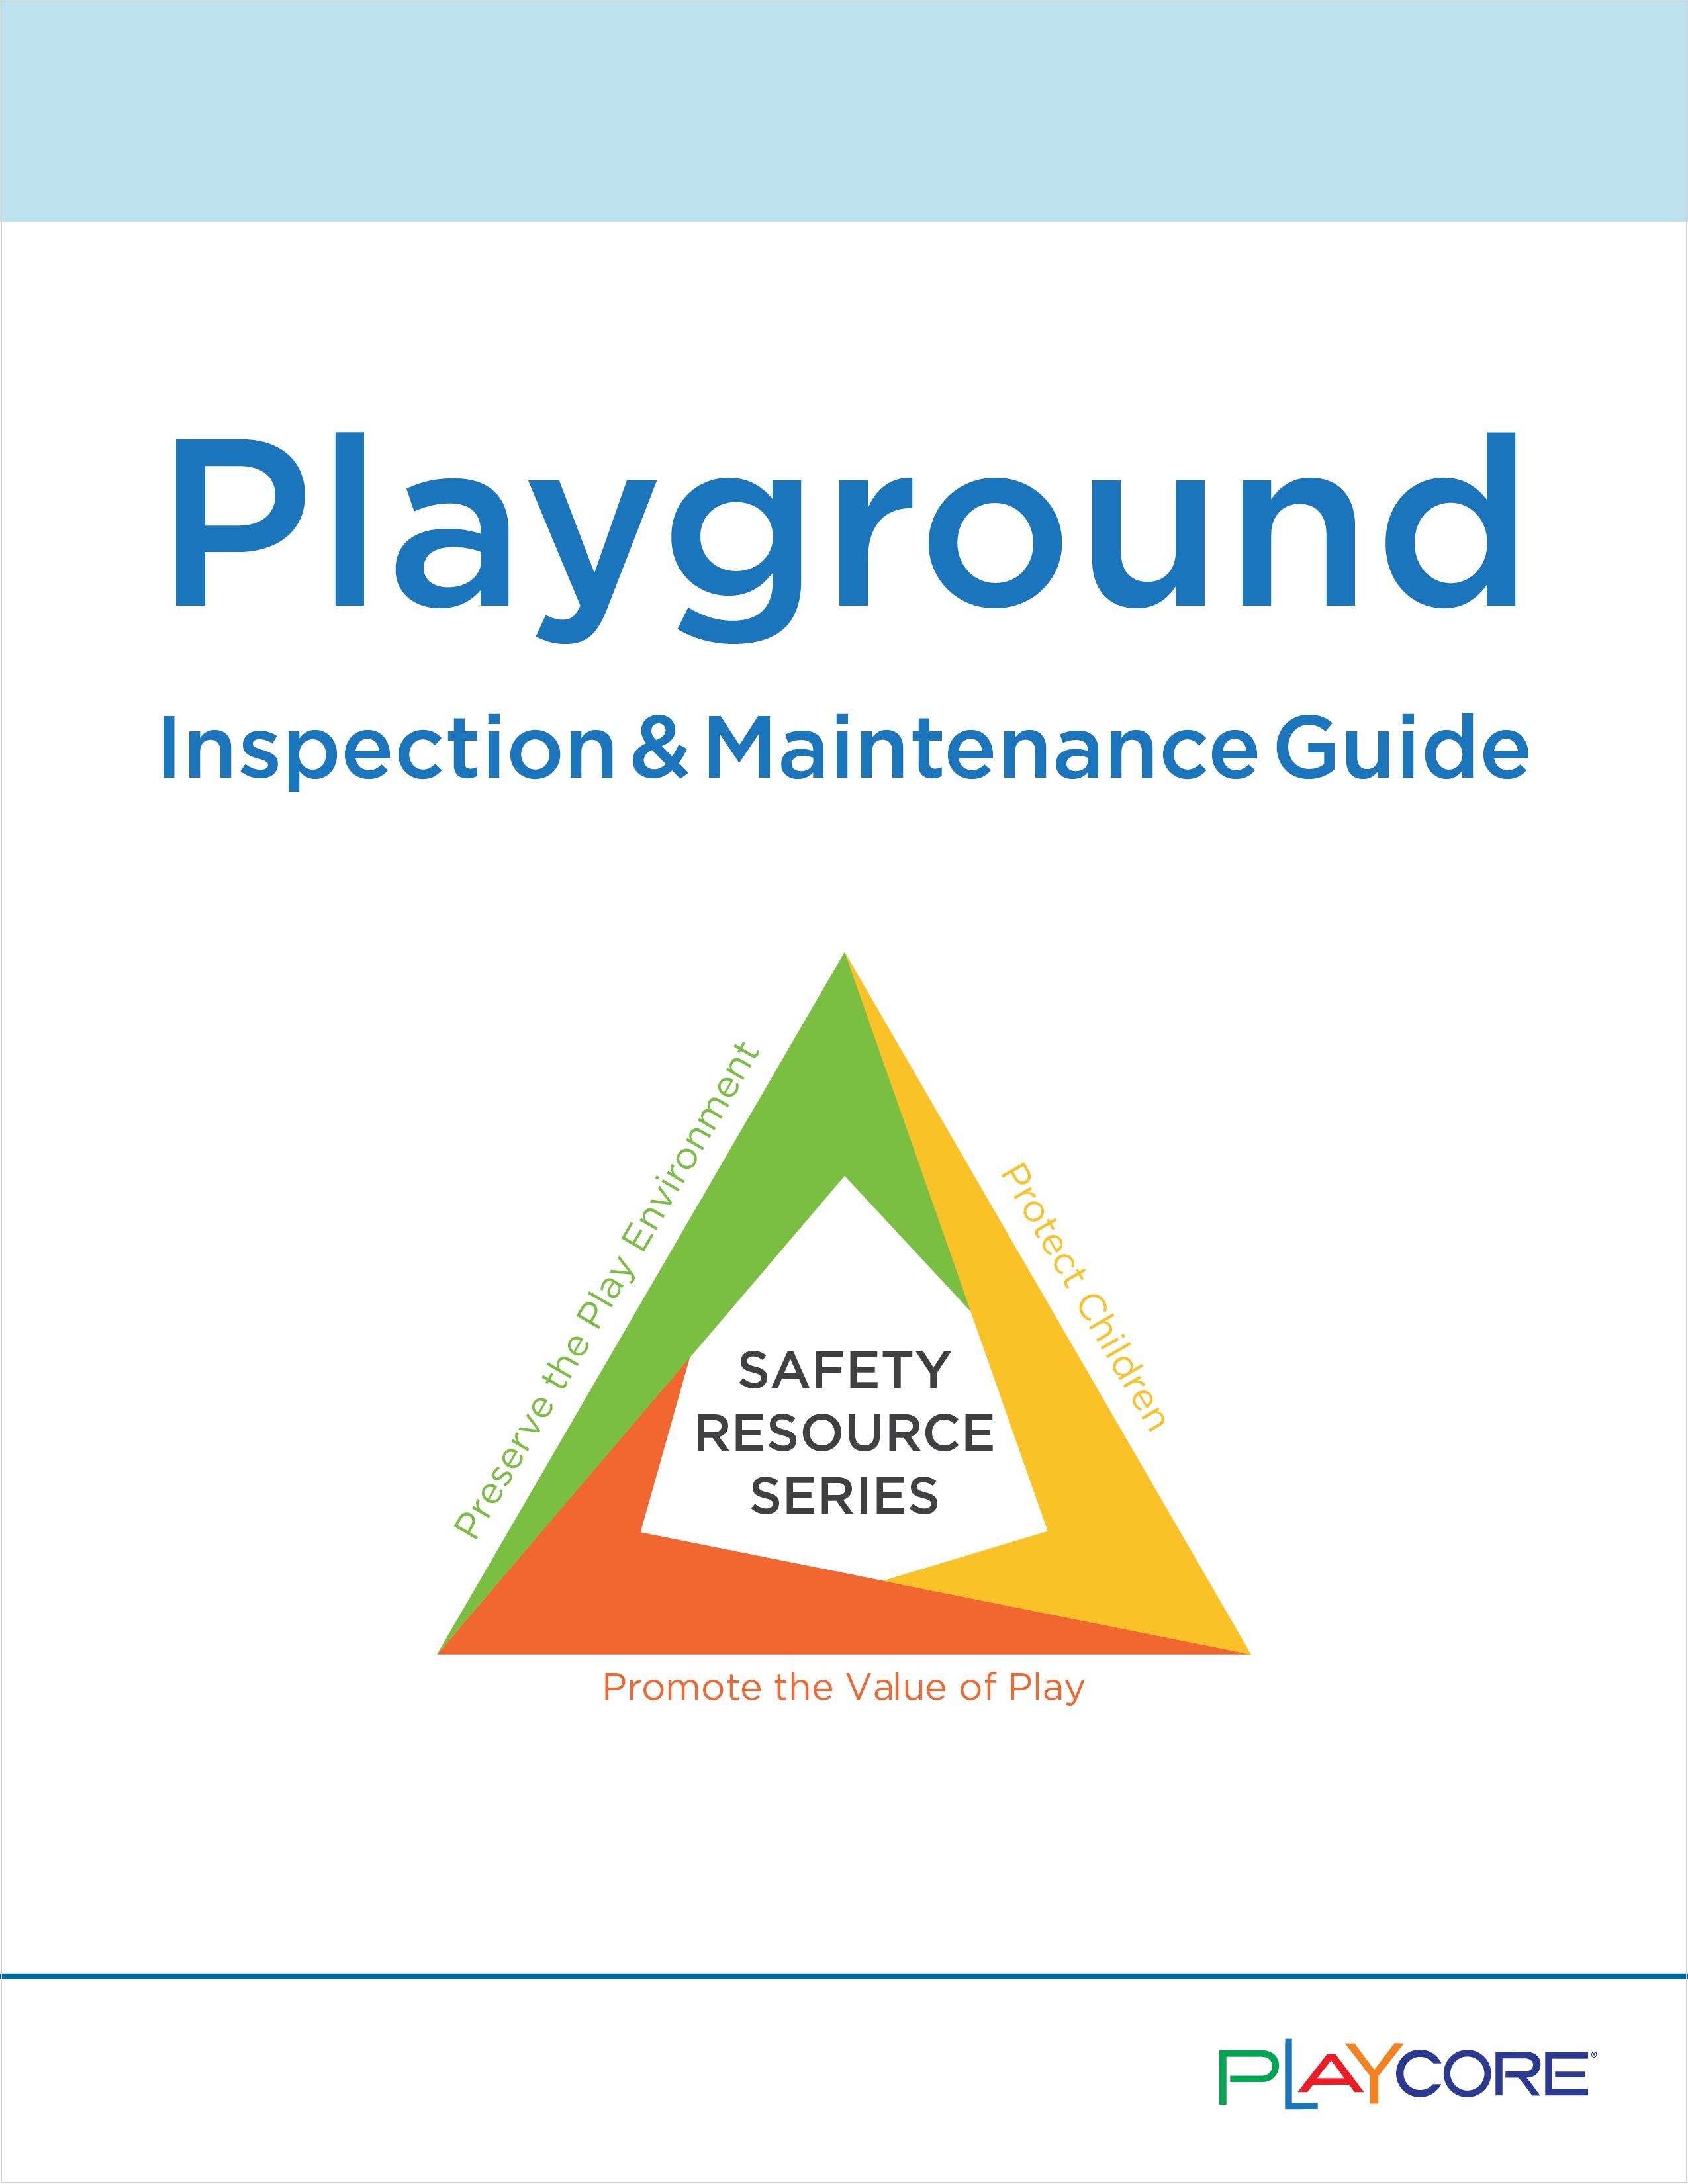 MaintenanceGuidebook_cover4.jpg#asset:12067